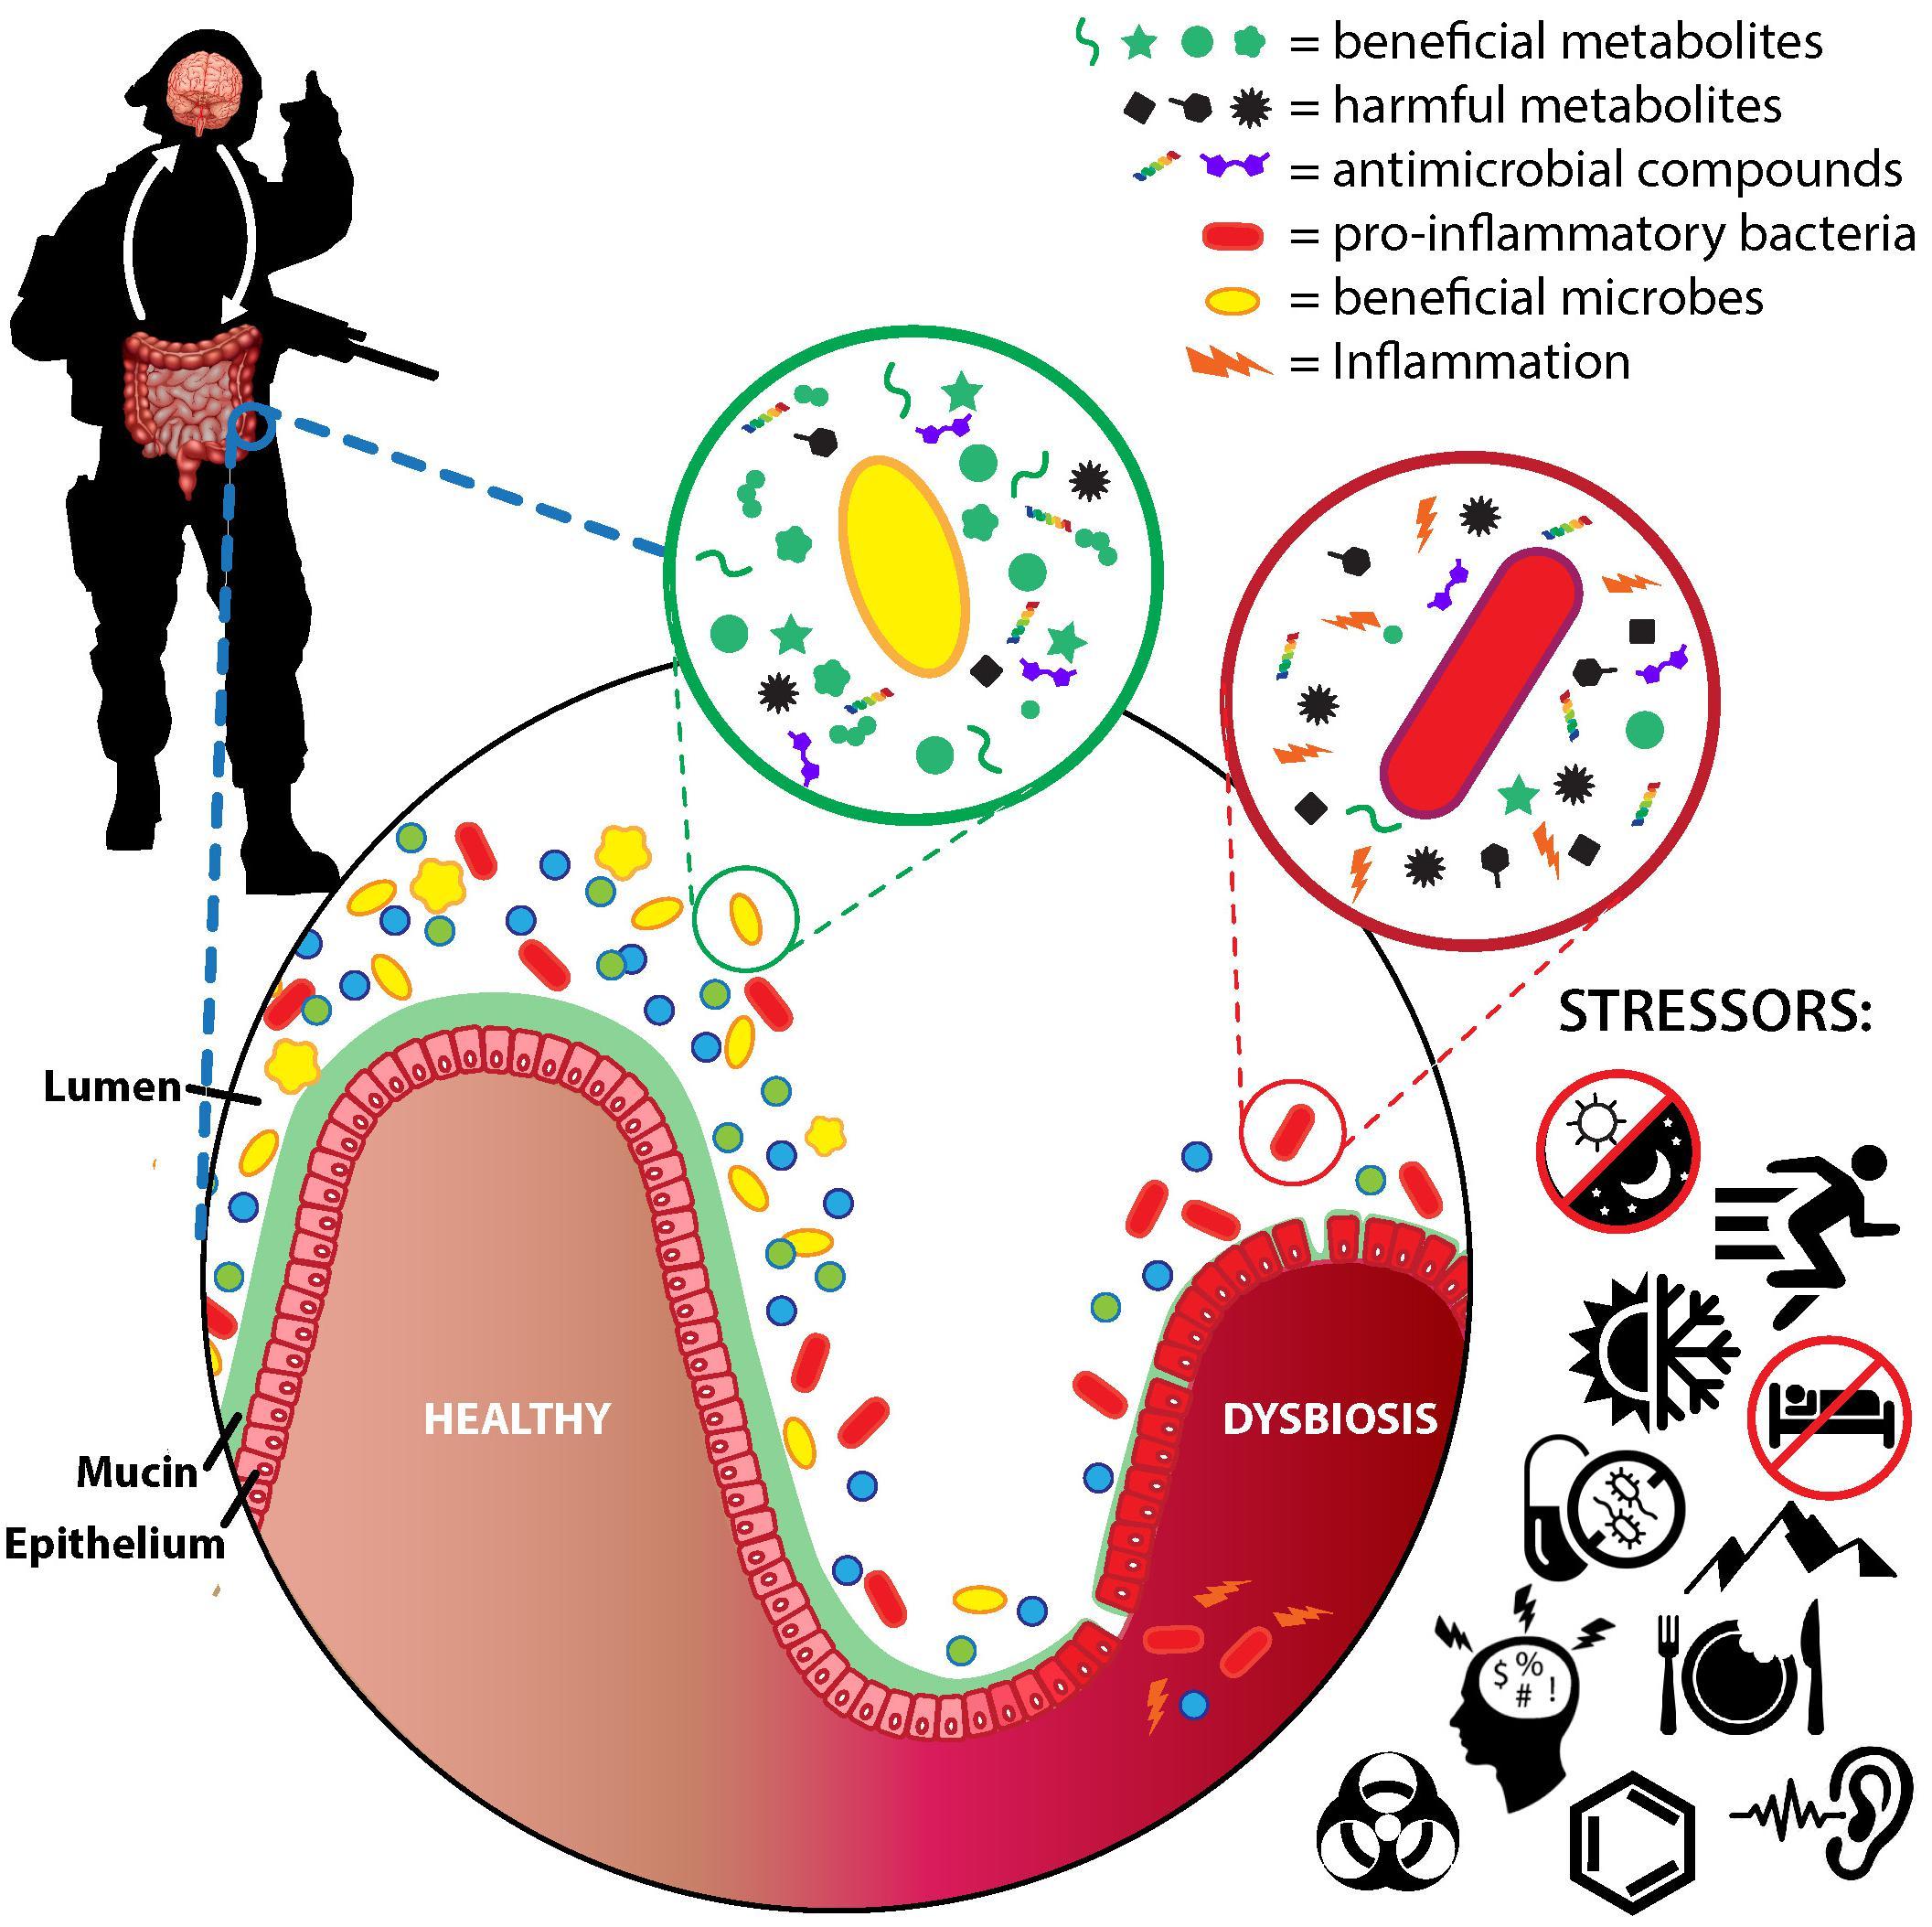 Milyen veszélyt jelent a dysbiosis? Gastroenterology